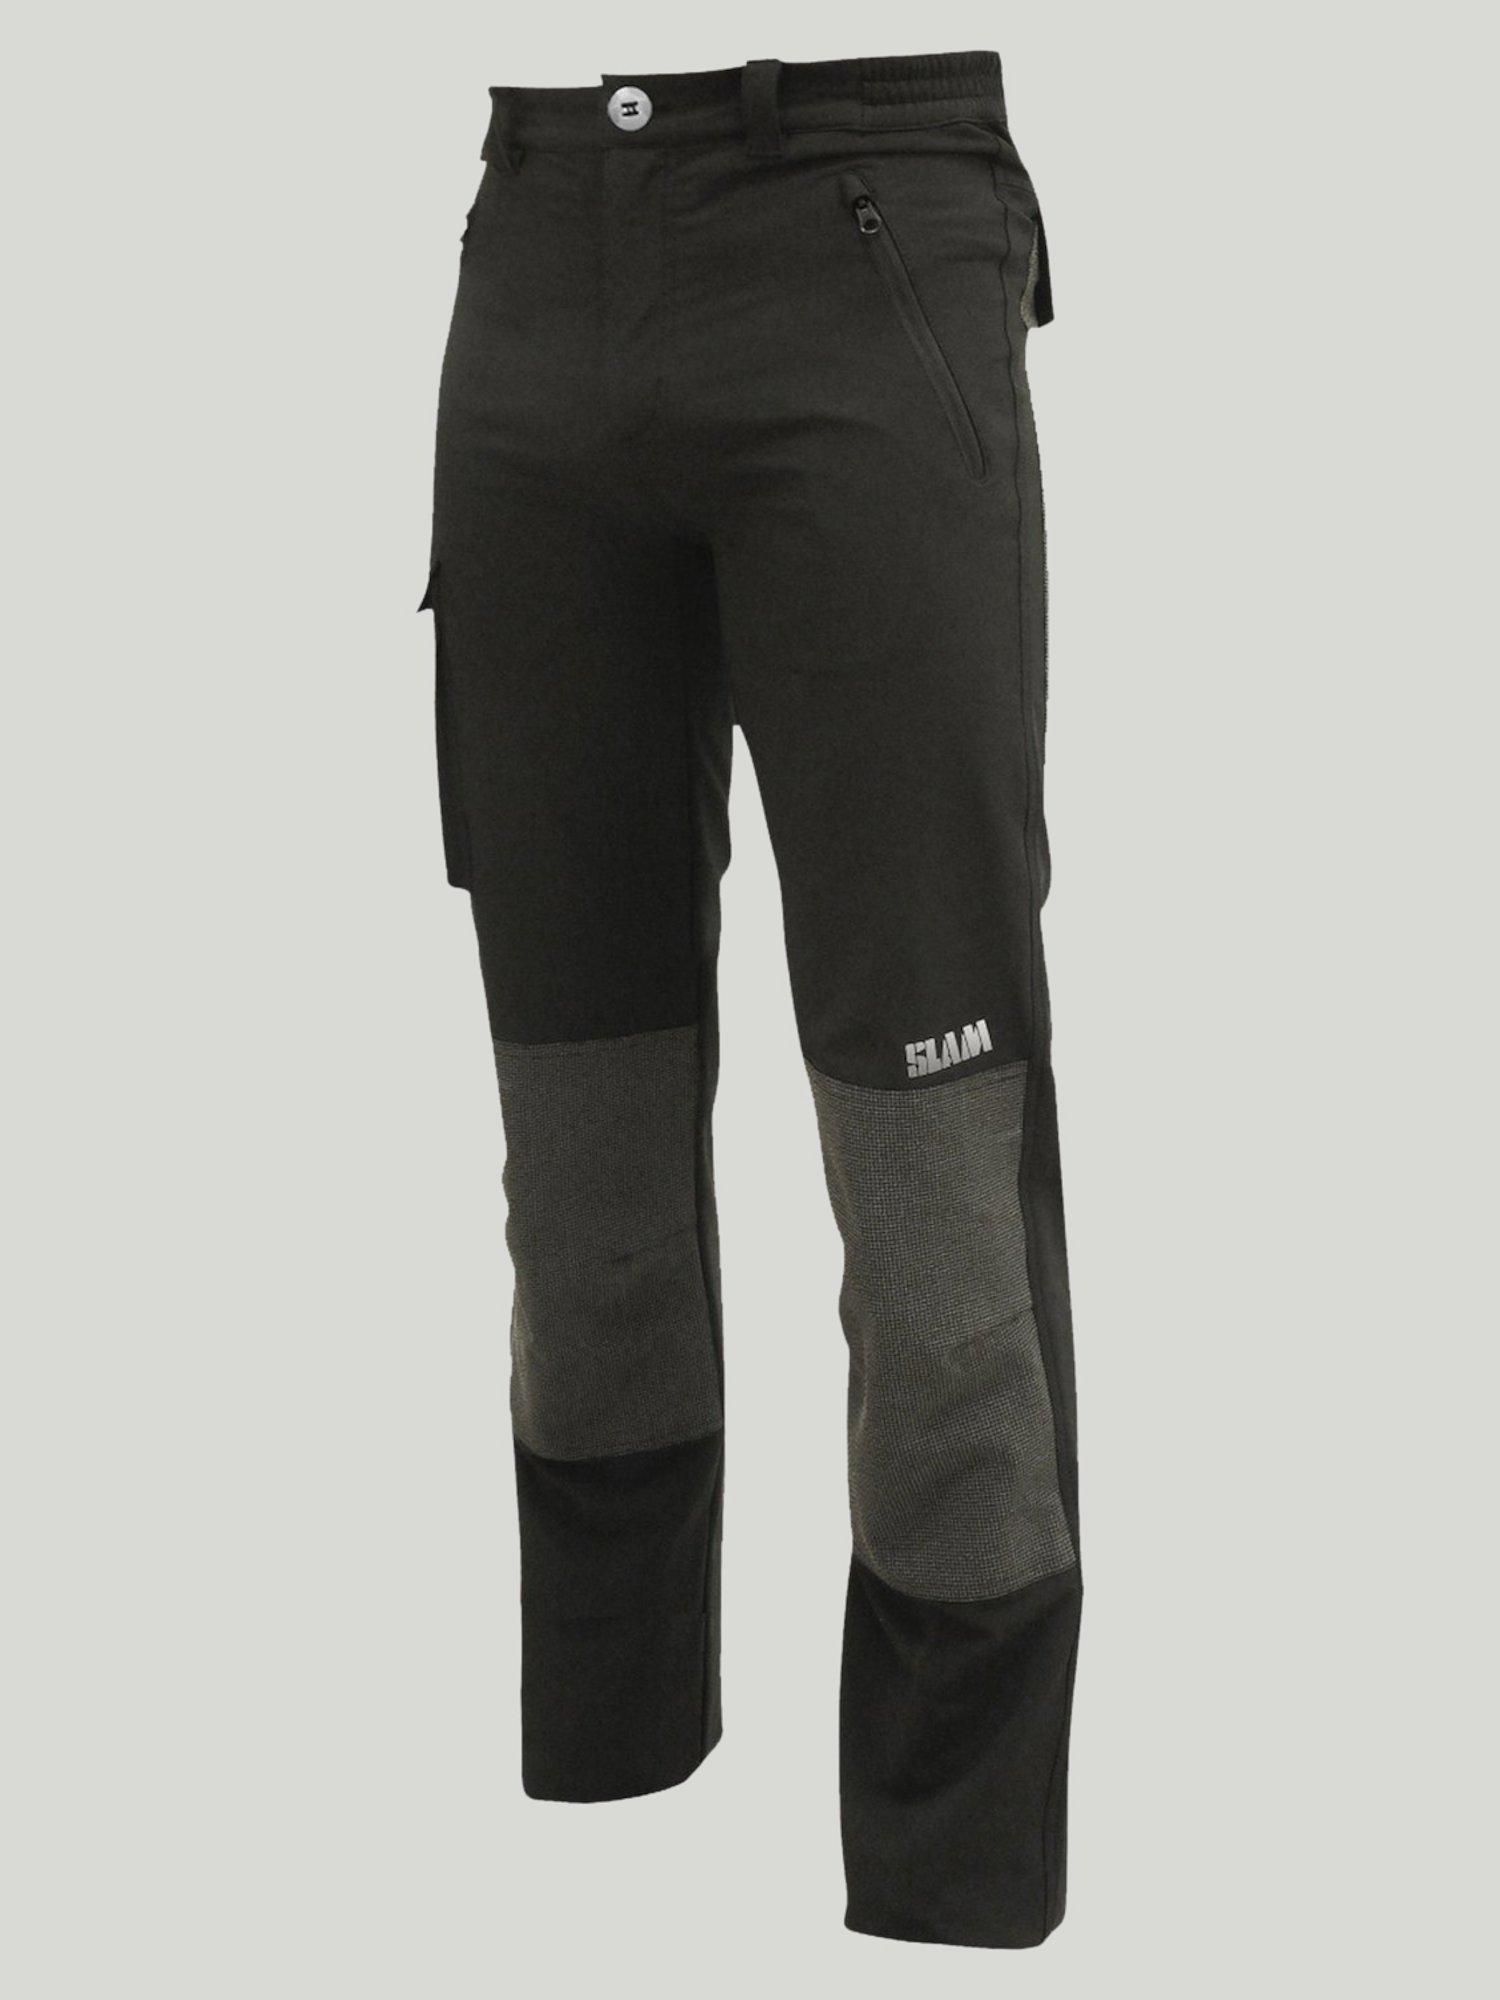 Tech Pants - Black